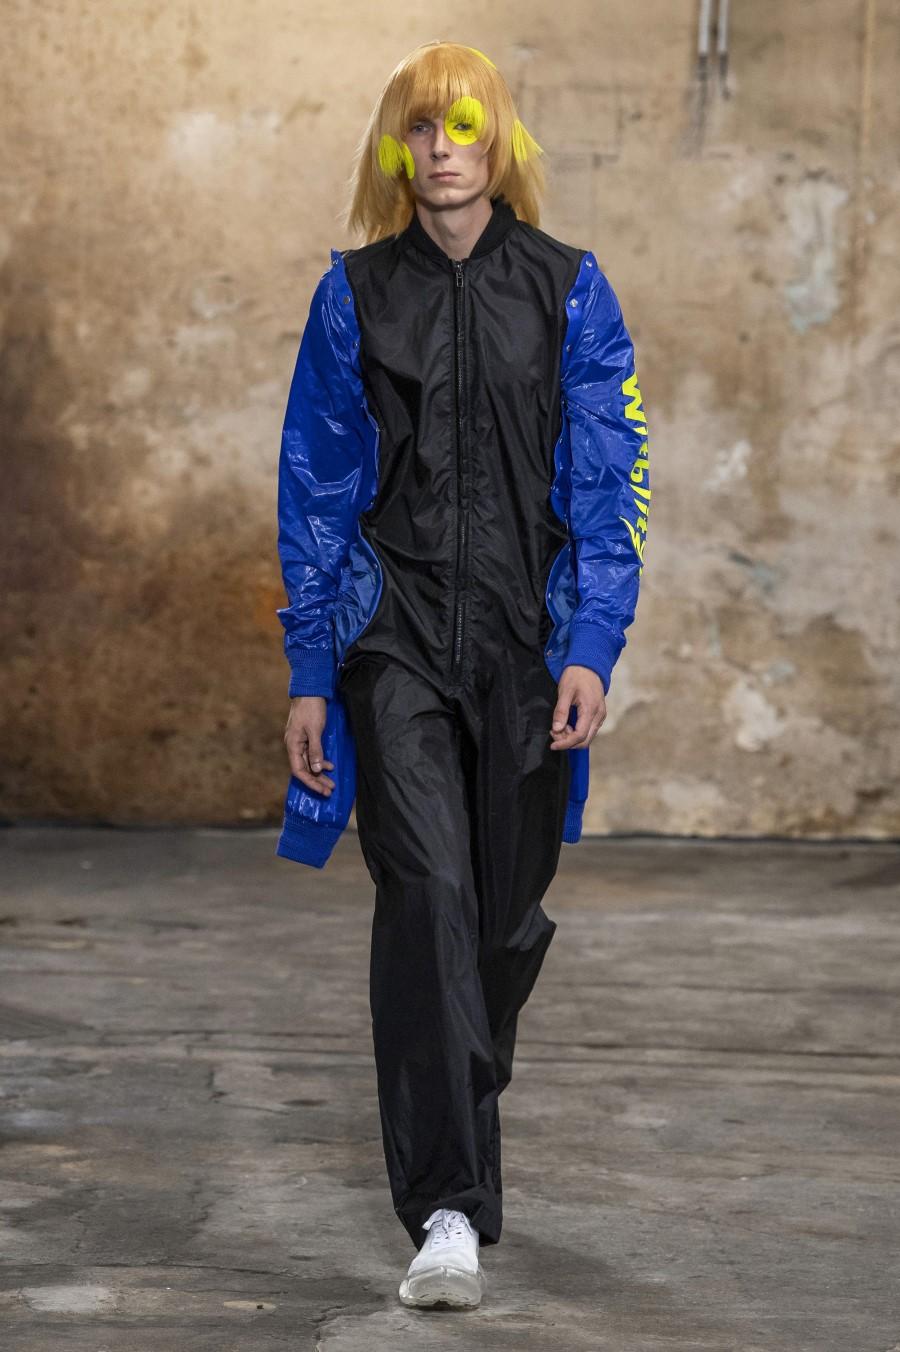 Walter Van Beirendonck - Printemps-Été 2020 - Paris Fashion WeekWalter Van Beirendonck - Printemps-Été 2020 - Paris Fashion Week